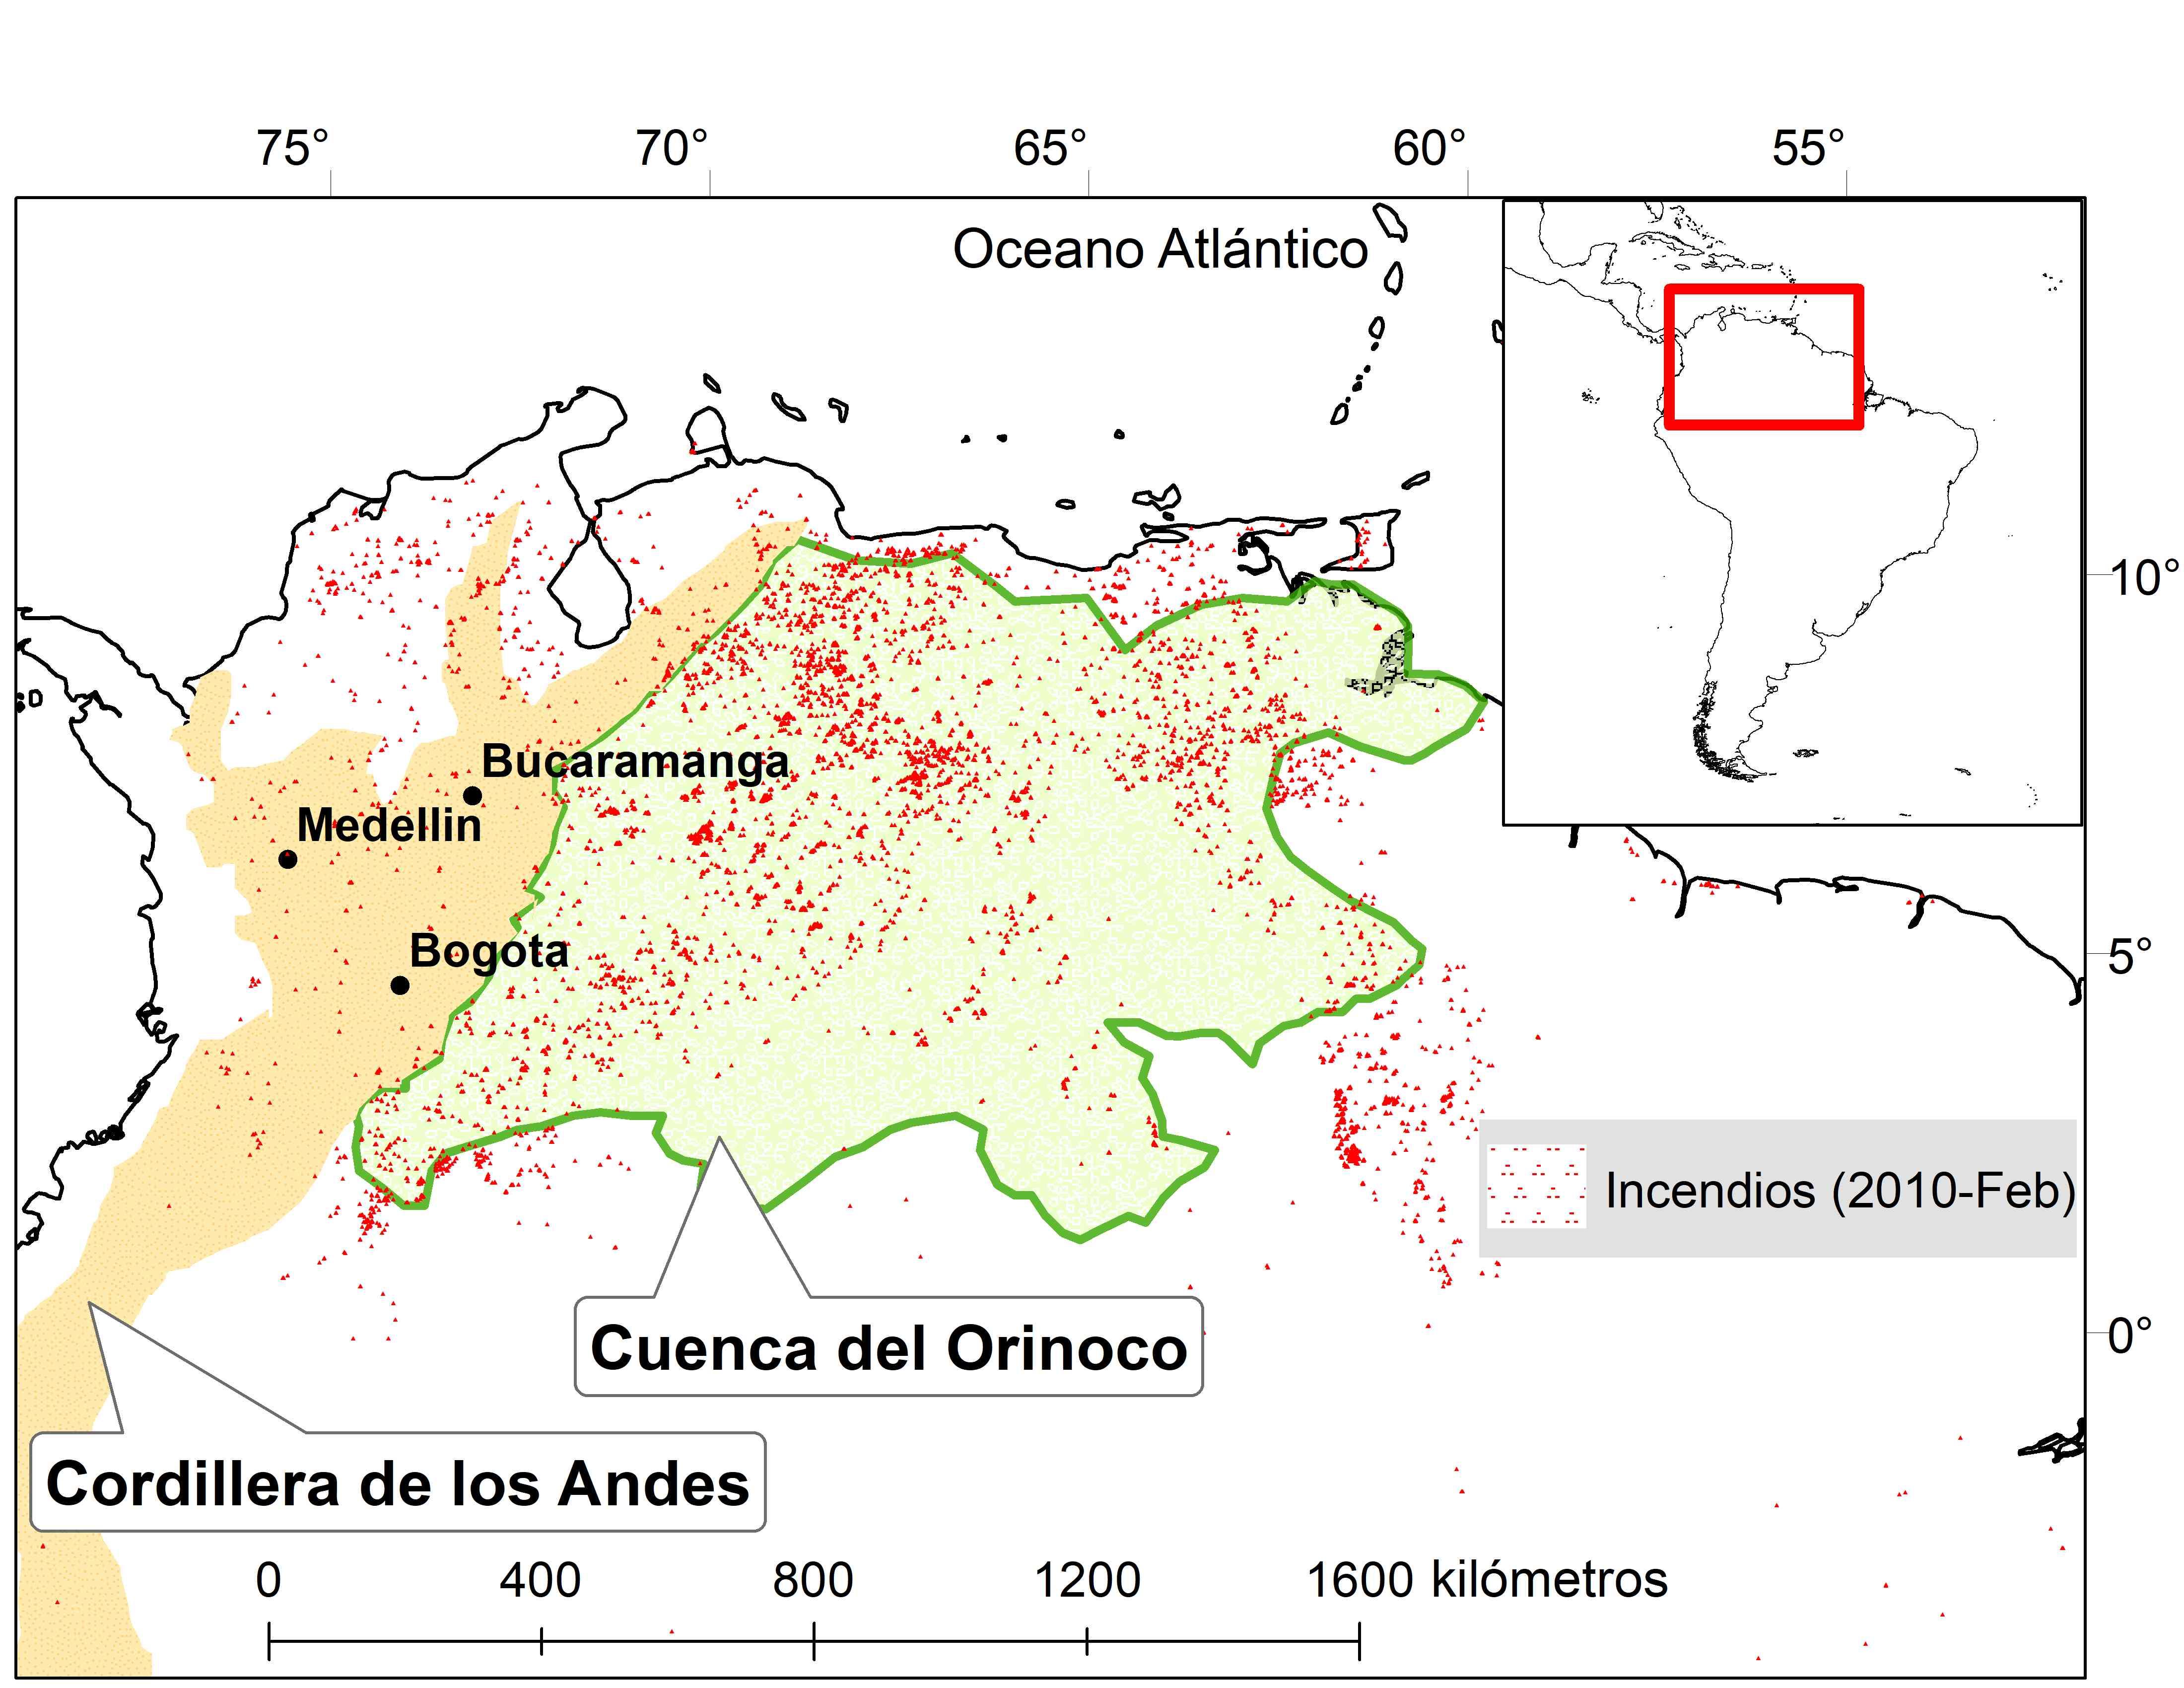 Este mapa, elaborado por expertos de las universidades Nacional y Andes, plasma los incendios forestales de la Orinoquia en febrero de 2010. El humo emitido por los fuegos llegó hasta Bogotá, Medellín y Bucaramanga. Fuente: U. Nacional y Andes.